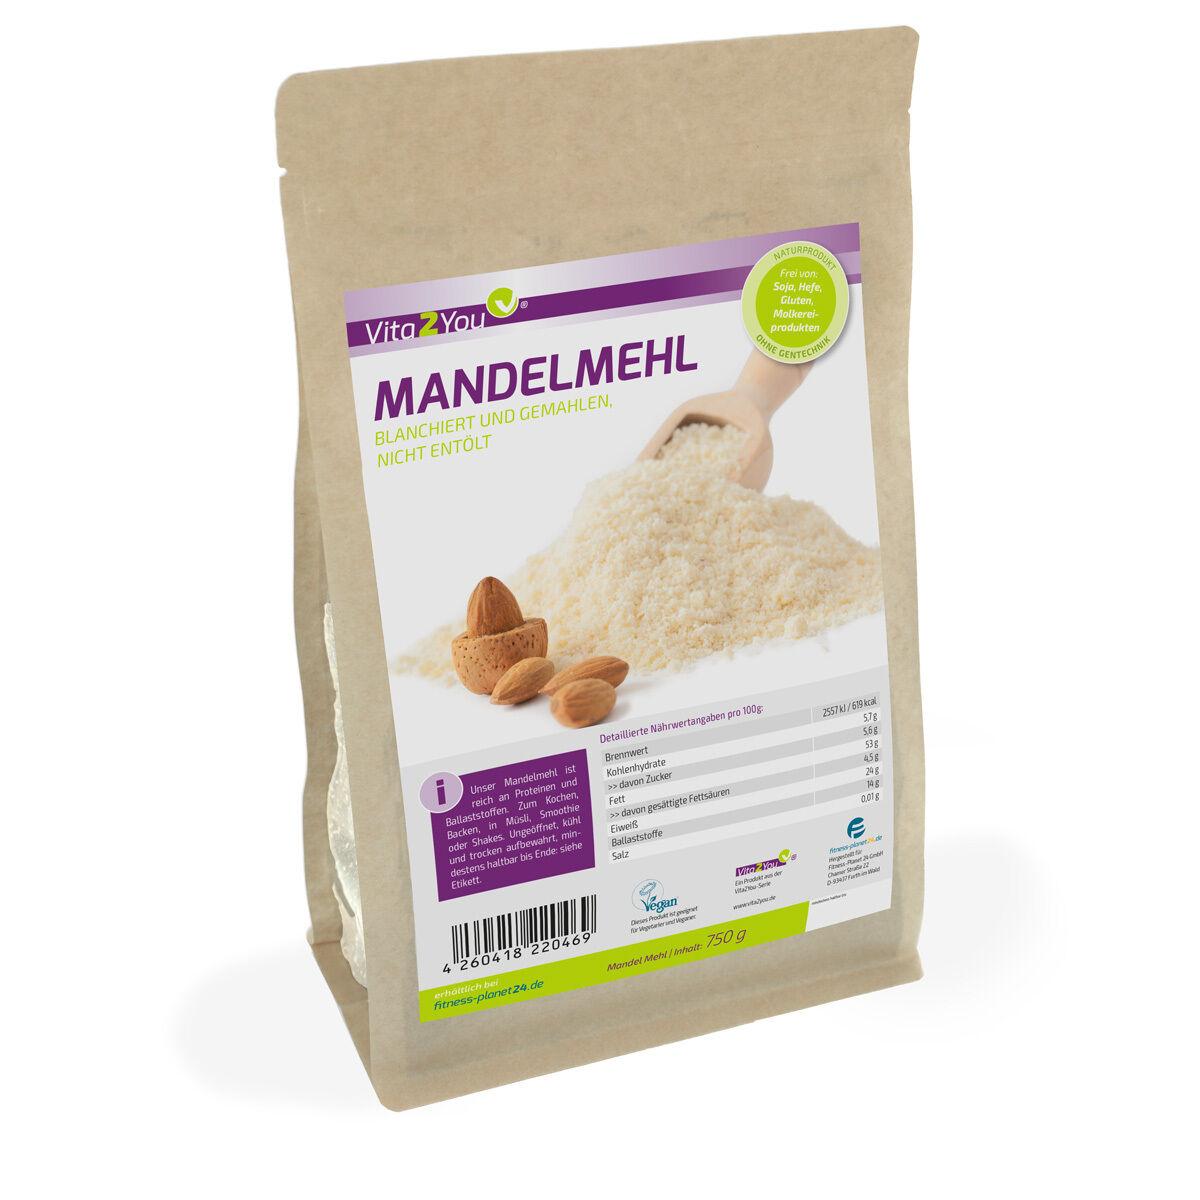 Vita2You Mandelmehl 750g - blanchiert und naturbelassen - Premium Qualität